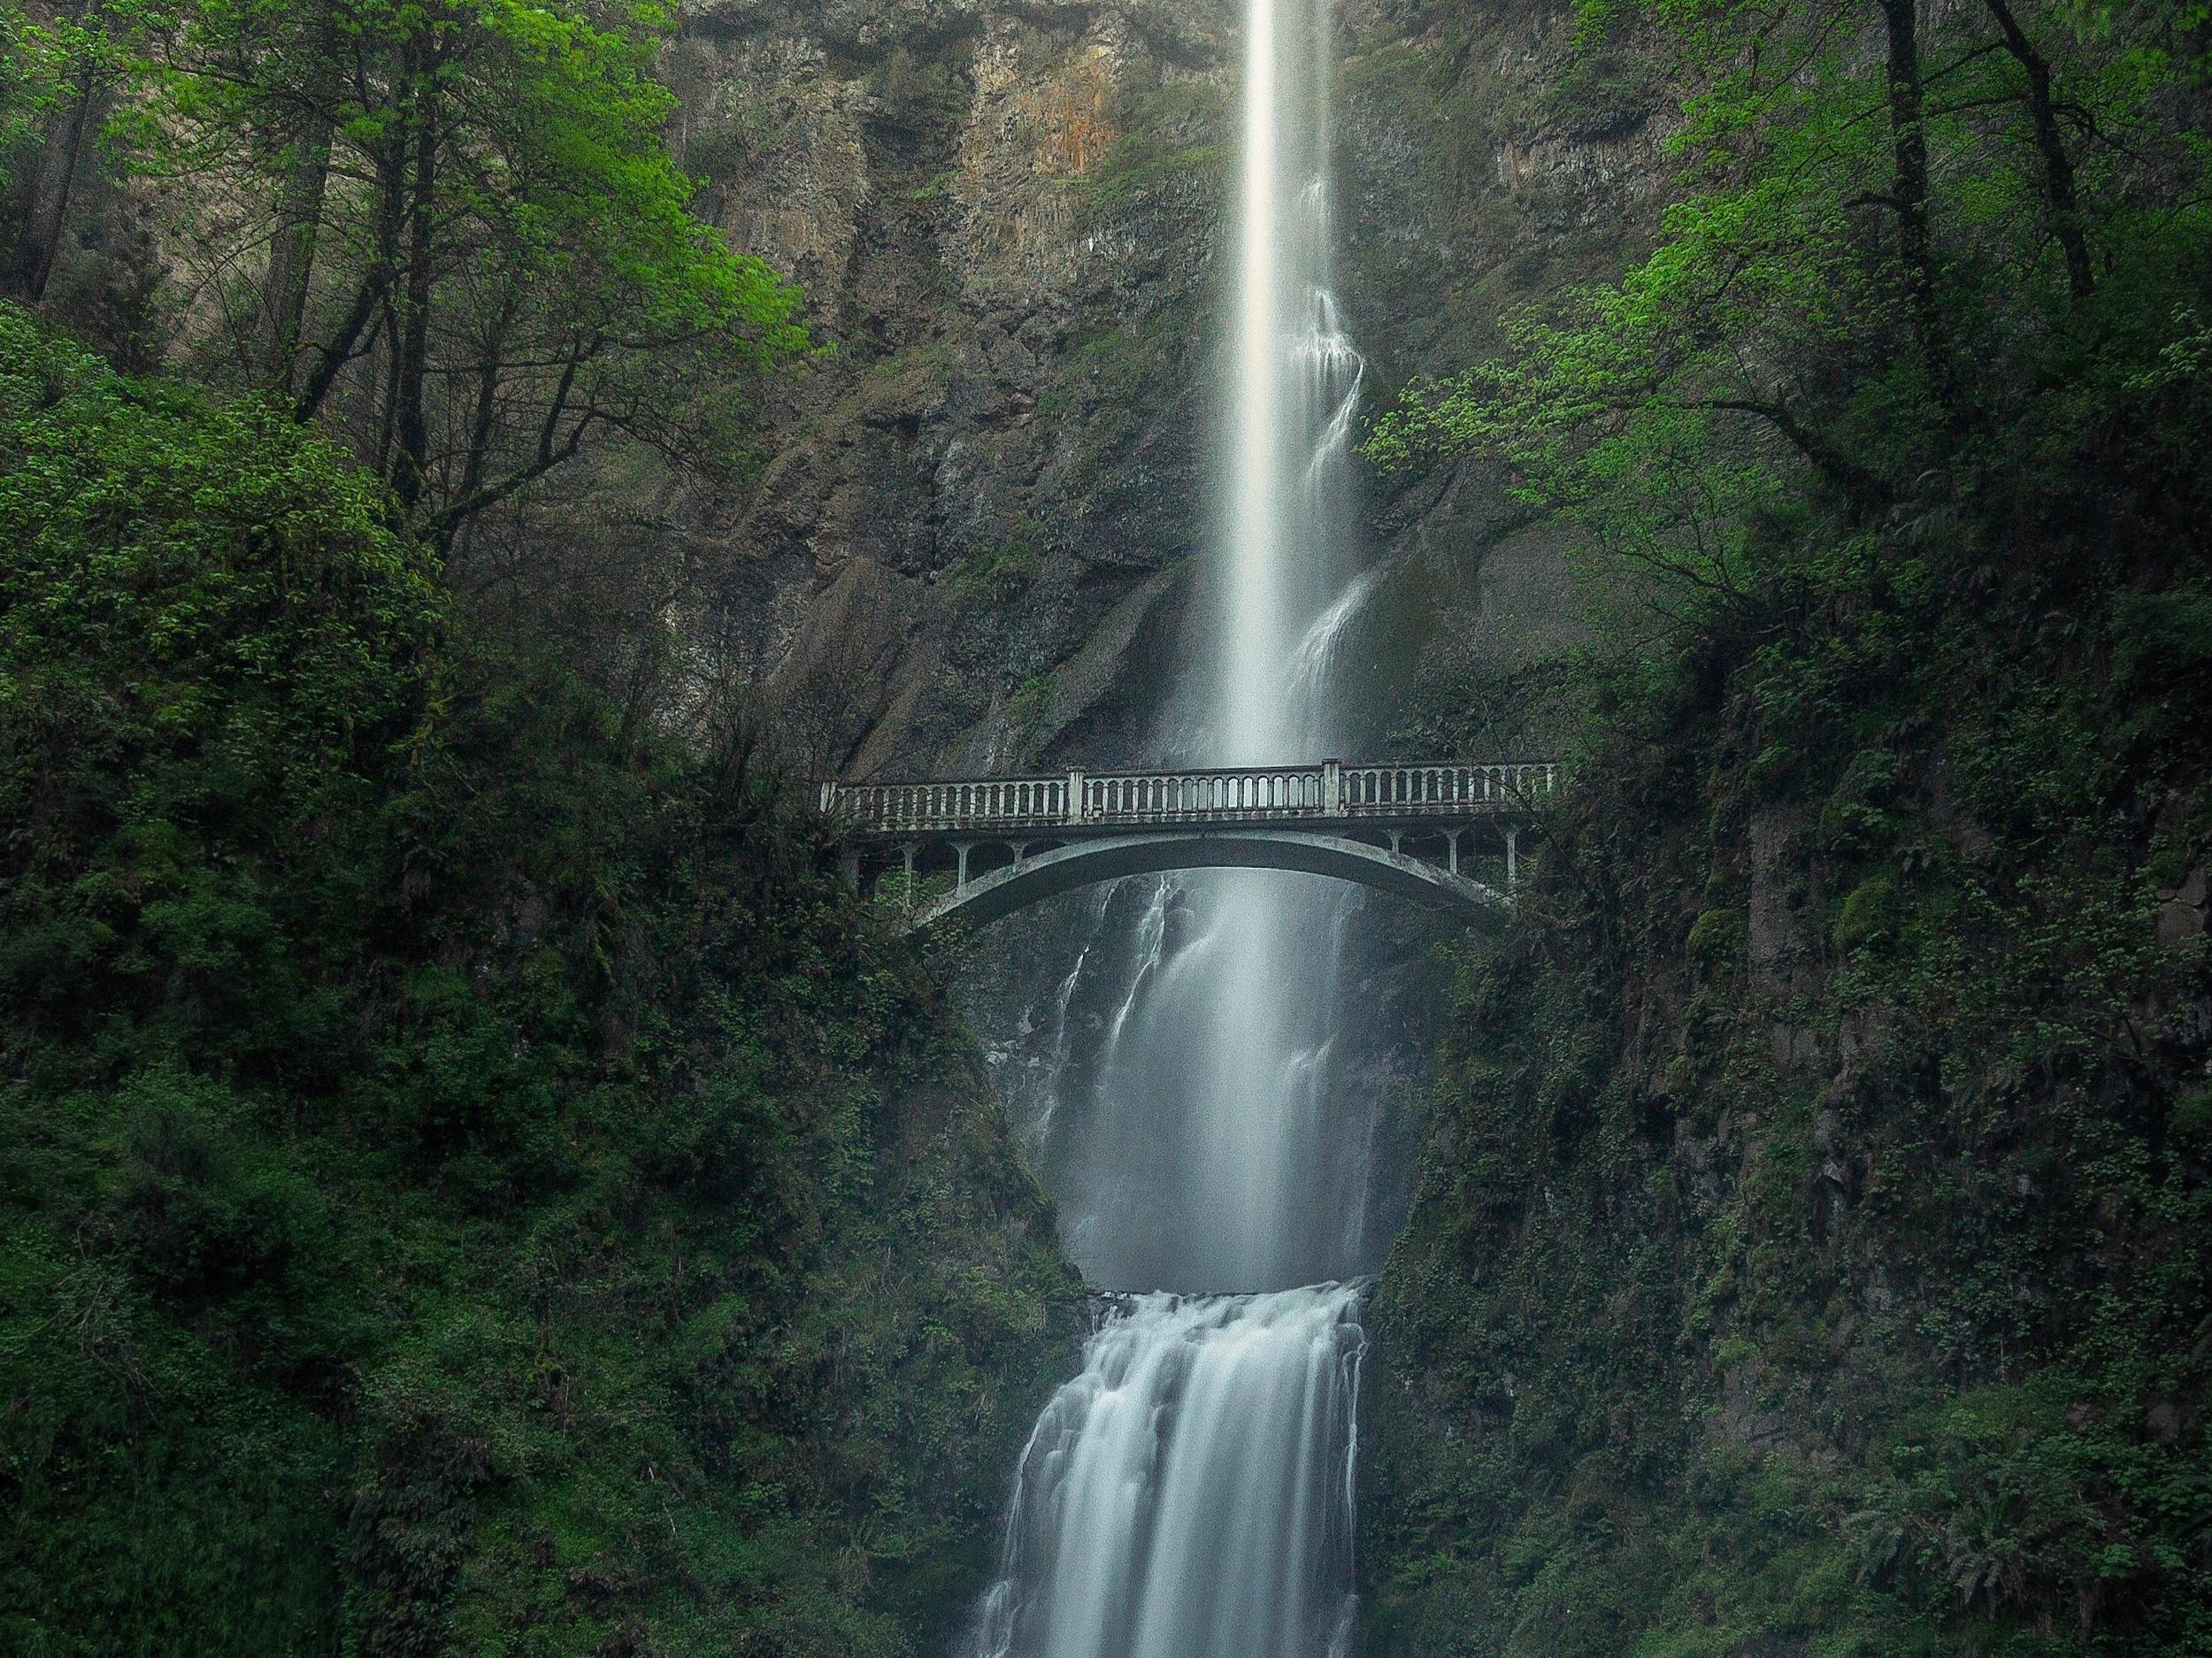 bridge-cascade-long-exposure-1699574.jpg